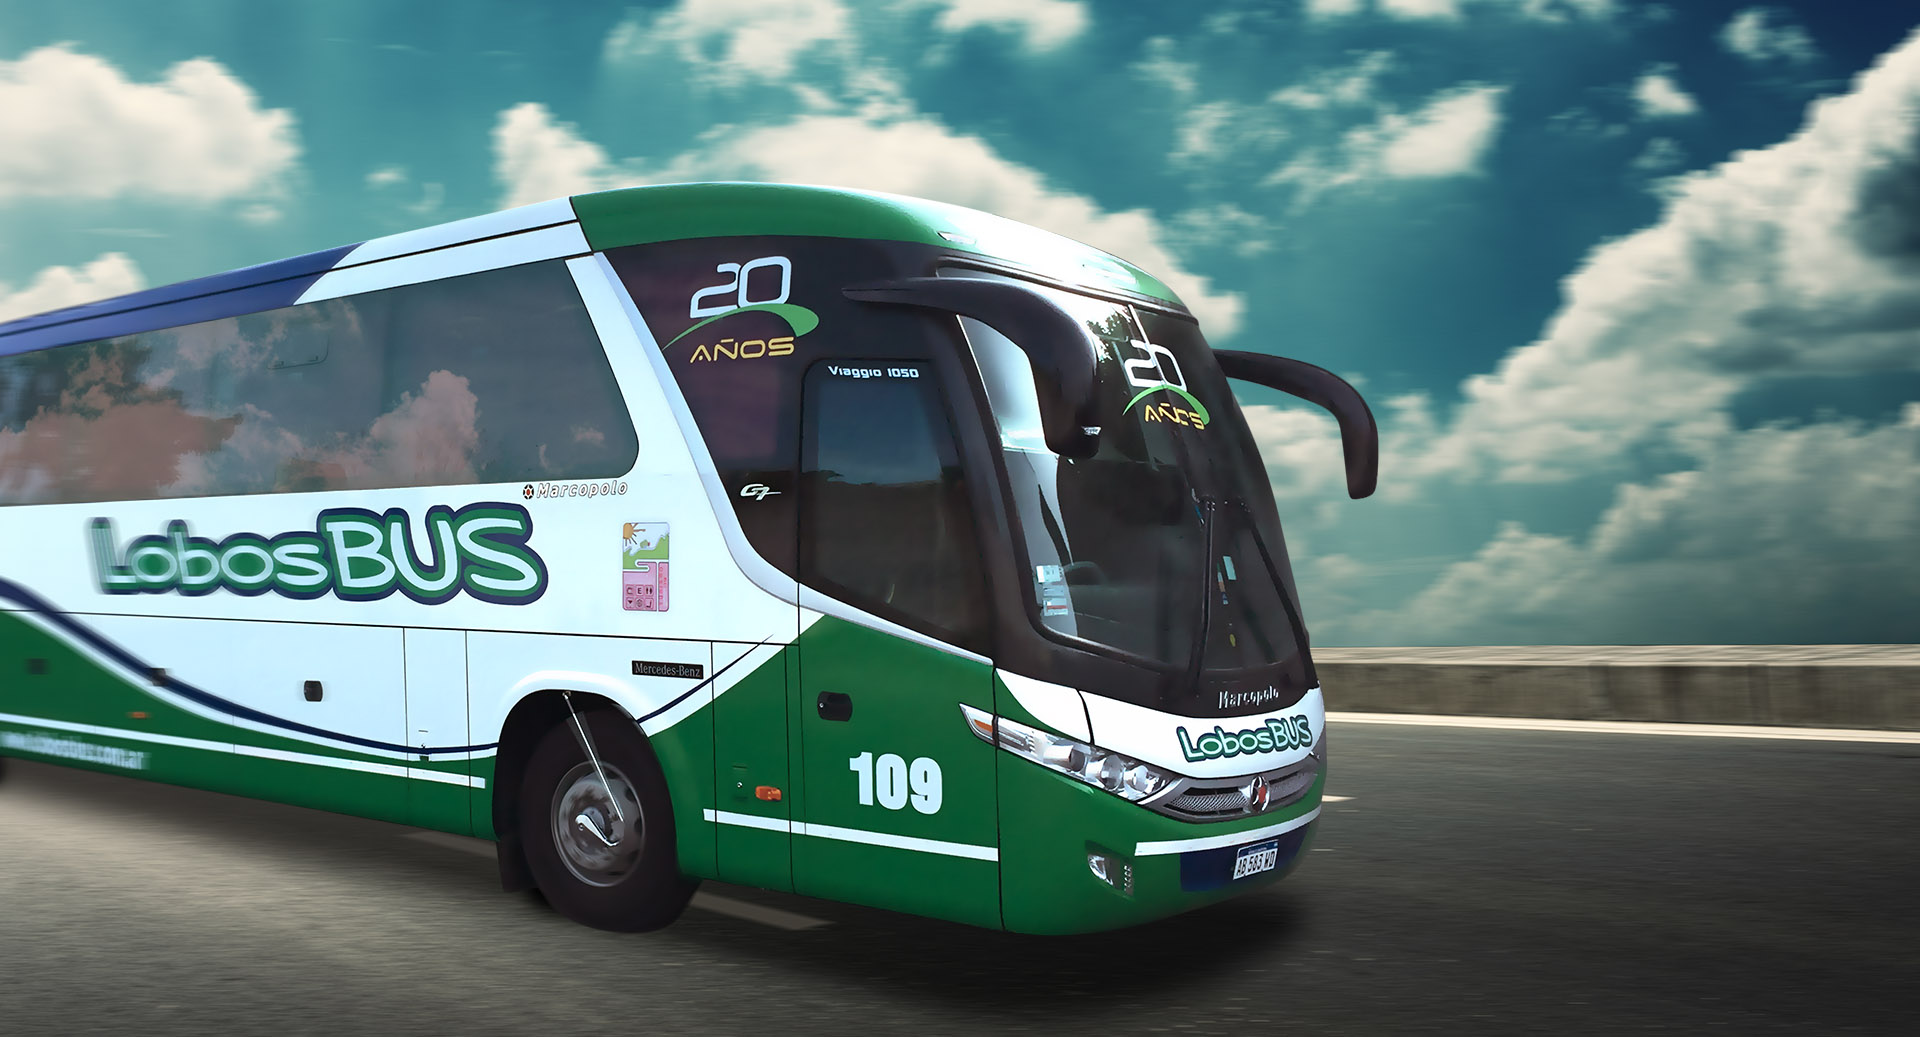 Lobos Bus